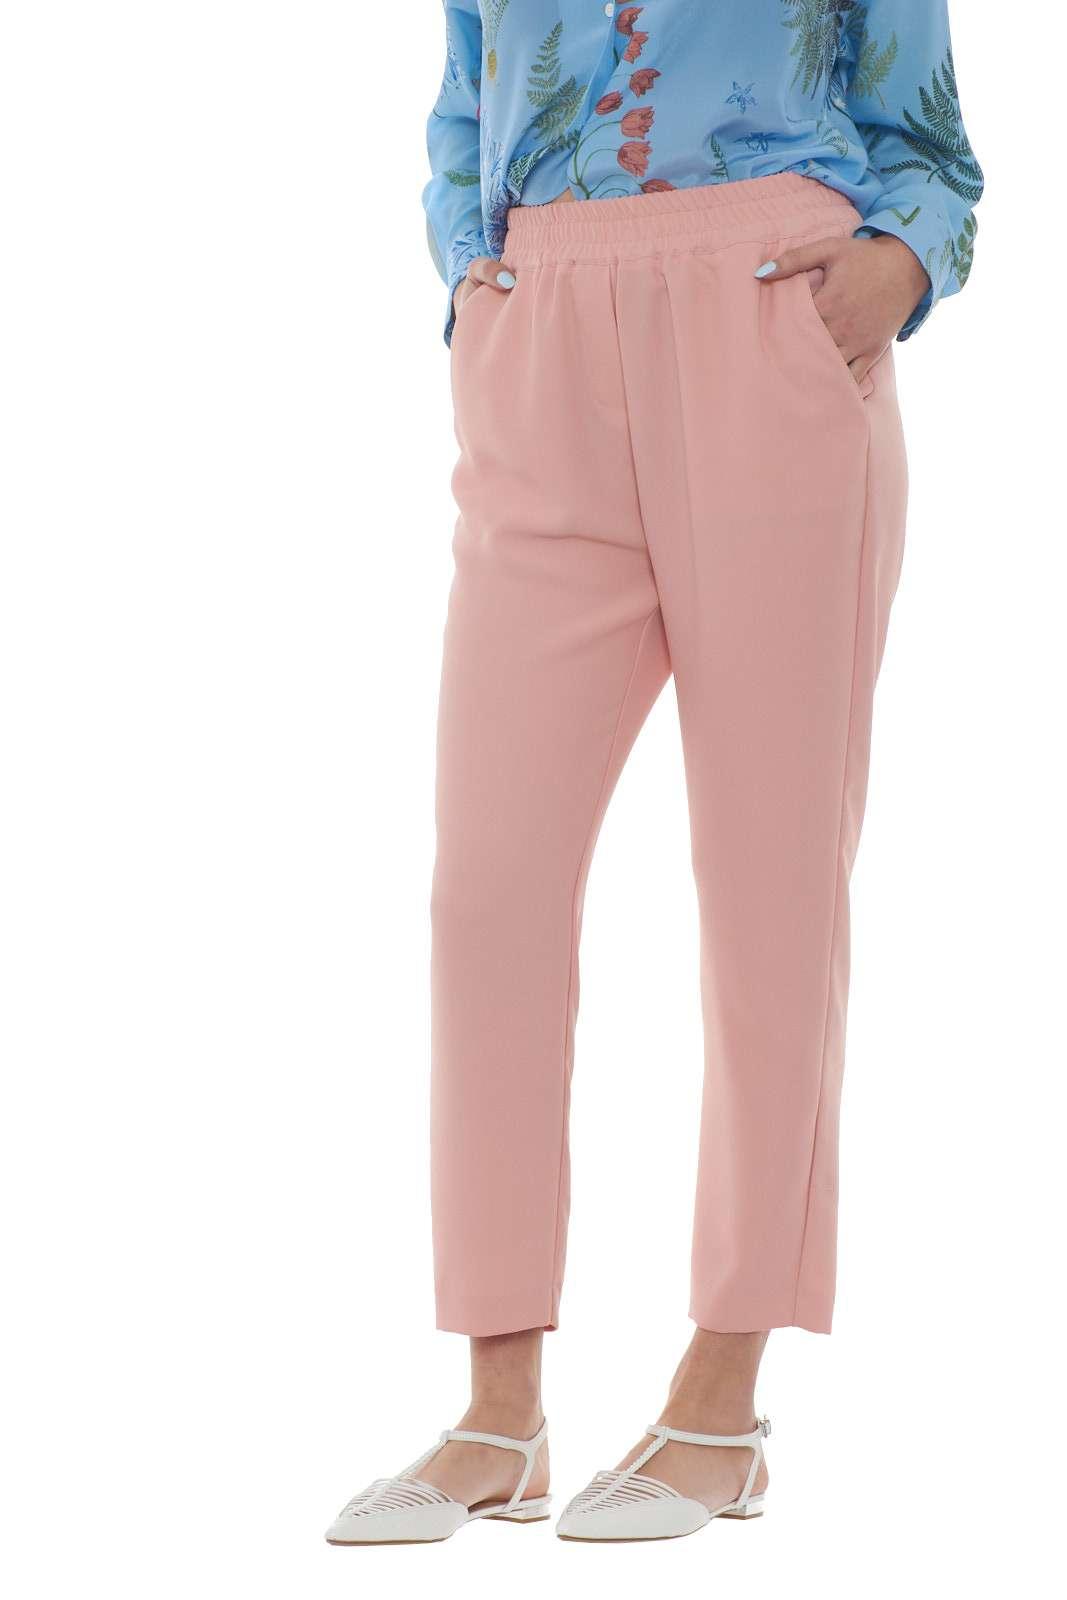 Un pantalone dalla vestibilità morbida in un comodo tessuto in crepe quello proposto dalla collezione donna So Allure. Da abbinare ad ogni look si impone con il suo spirito sbarazzino. Indossalo con una sneakers o con un tacco alto per rendere speciale ogni look.